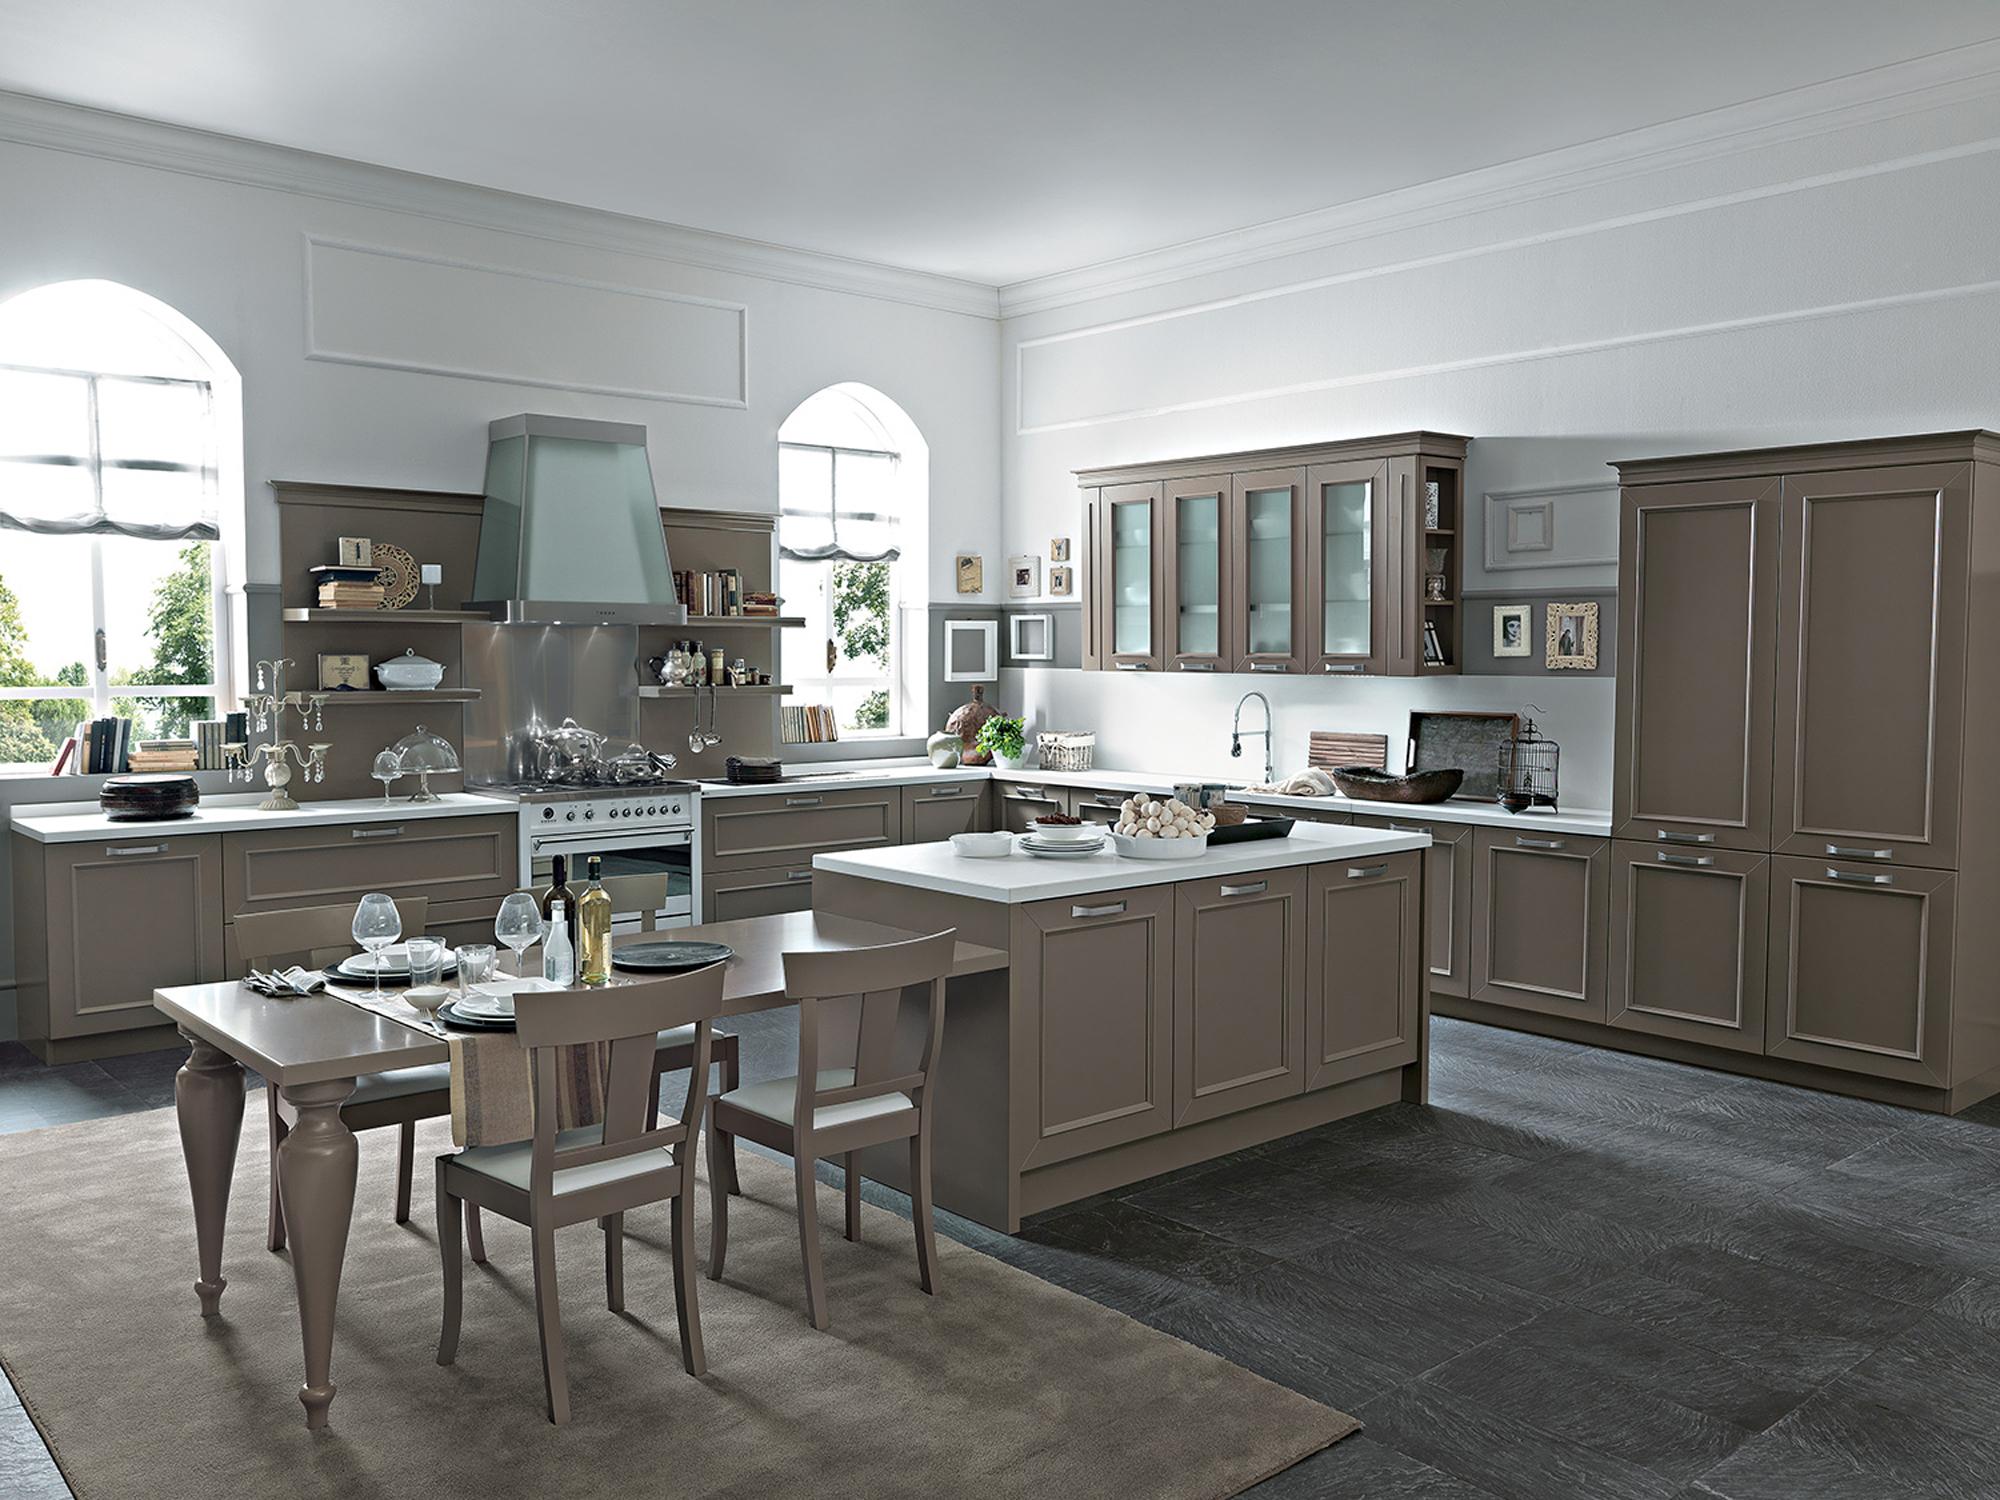 Cucine febal casa lecce le cucine febal nel salento - Cucine classiche febal ...